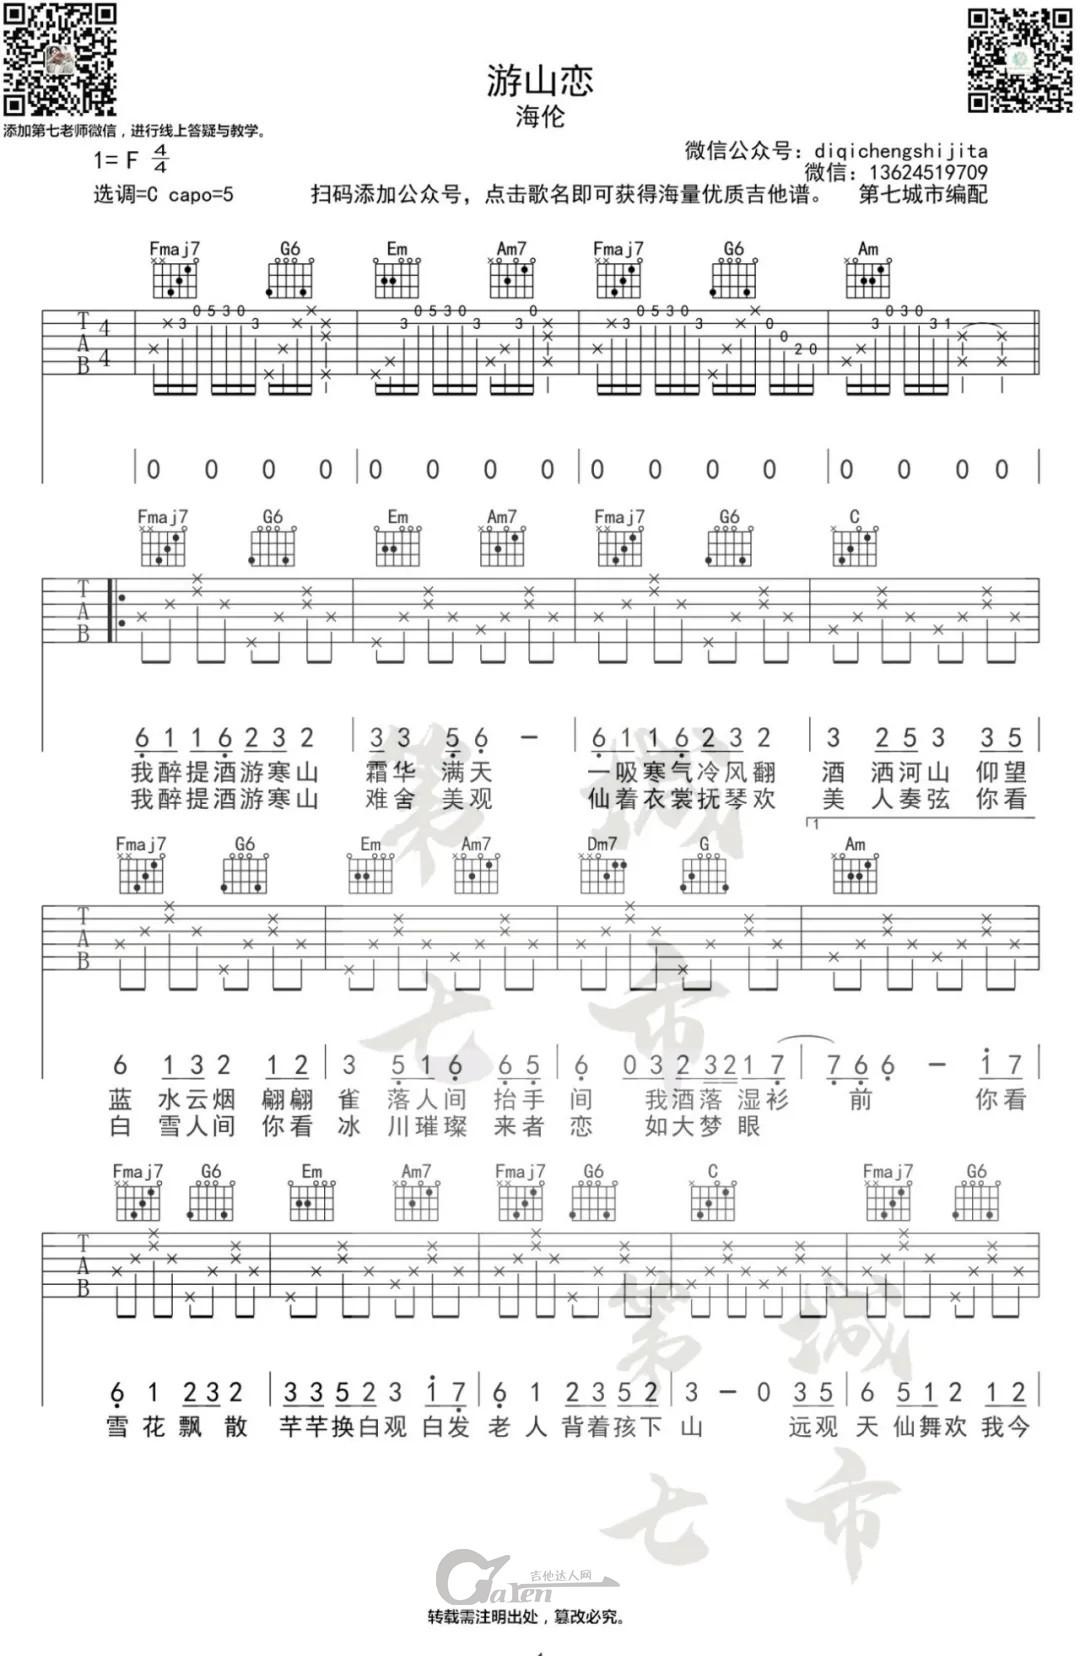 海伦《游山恋》C调吉他谱_吉他教学视频_吉他达人网